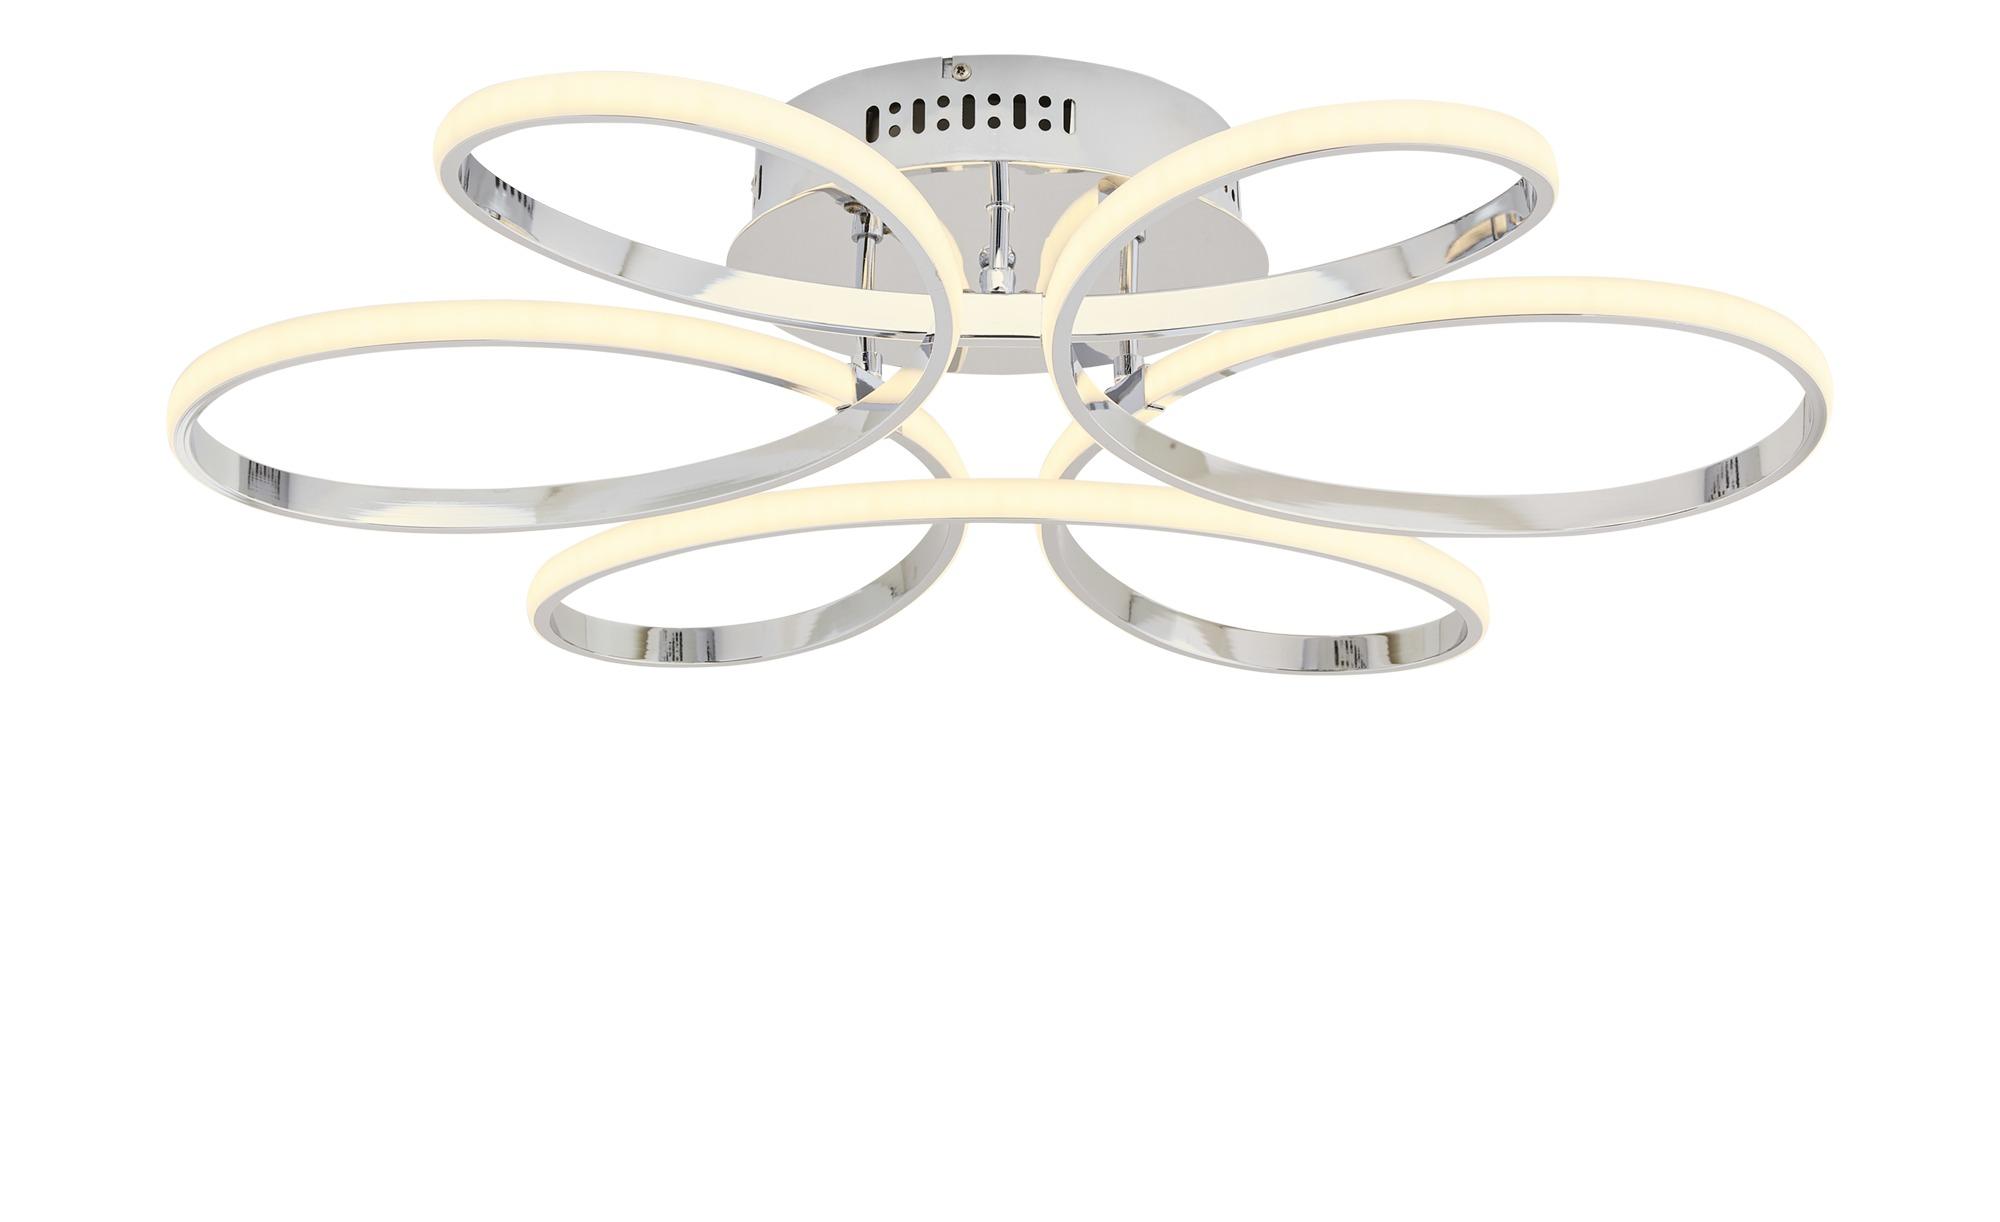 KHG LED-Deckenleuchte, chrom geschwungen ¦ silber ¦ Maße (cm): H: 14 Ø: [68.0] Lampen & Leuchten > Innenleuchten > Deckenleuchten - Höffner